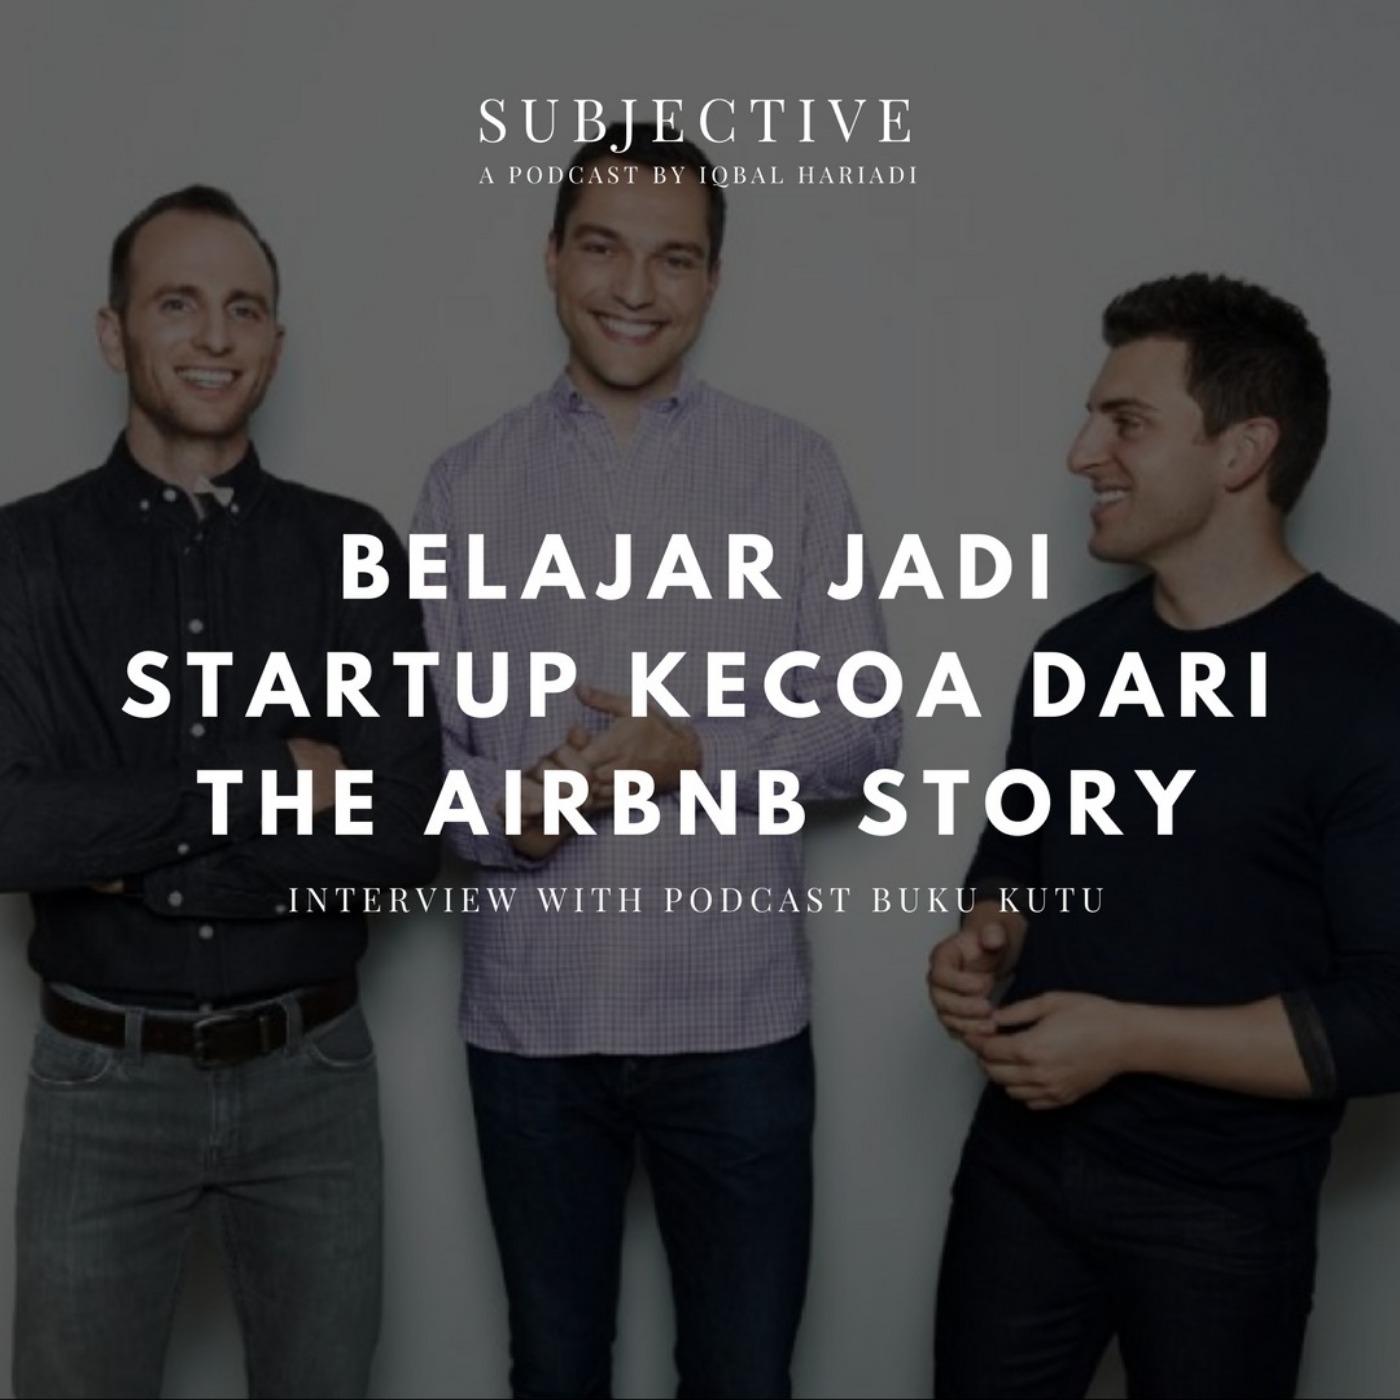 Ep 44 Belajar Jadi Startup Kecoa Dari The Airbnb Story